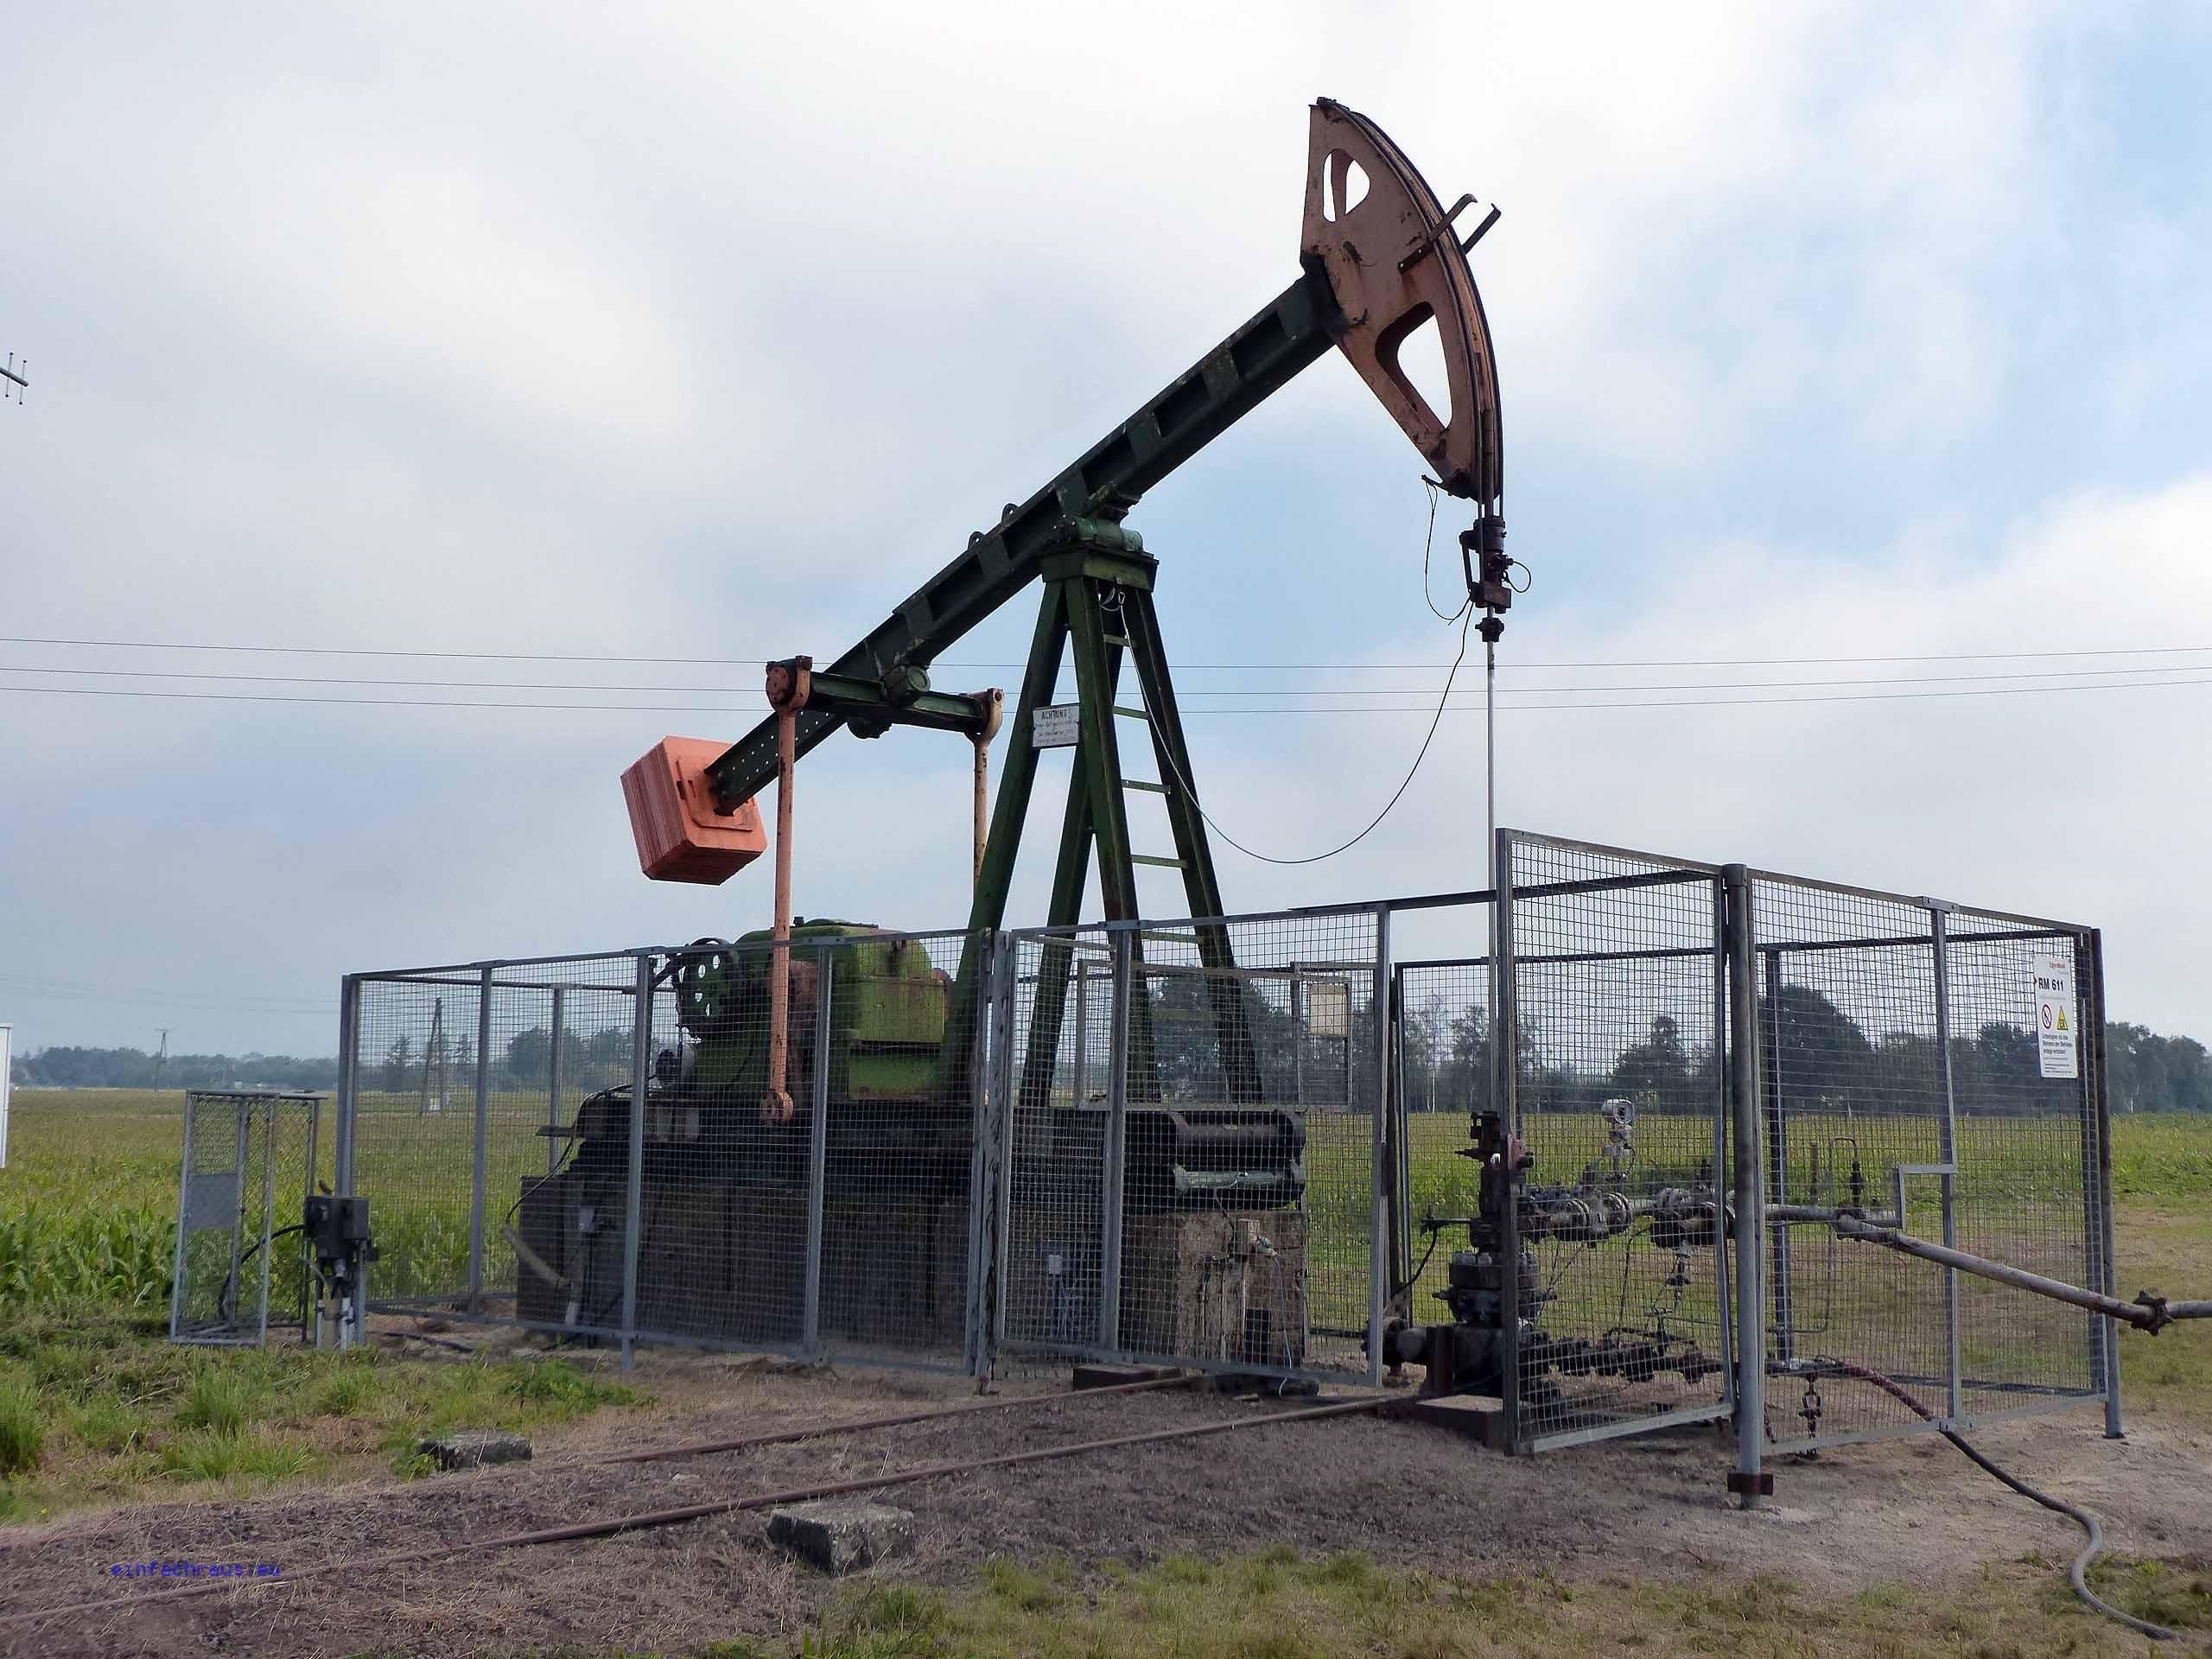 Ölförderungsanlage im Emsland, Foto: D.Weirauch